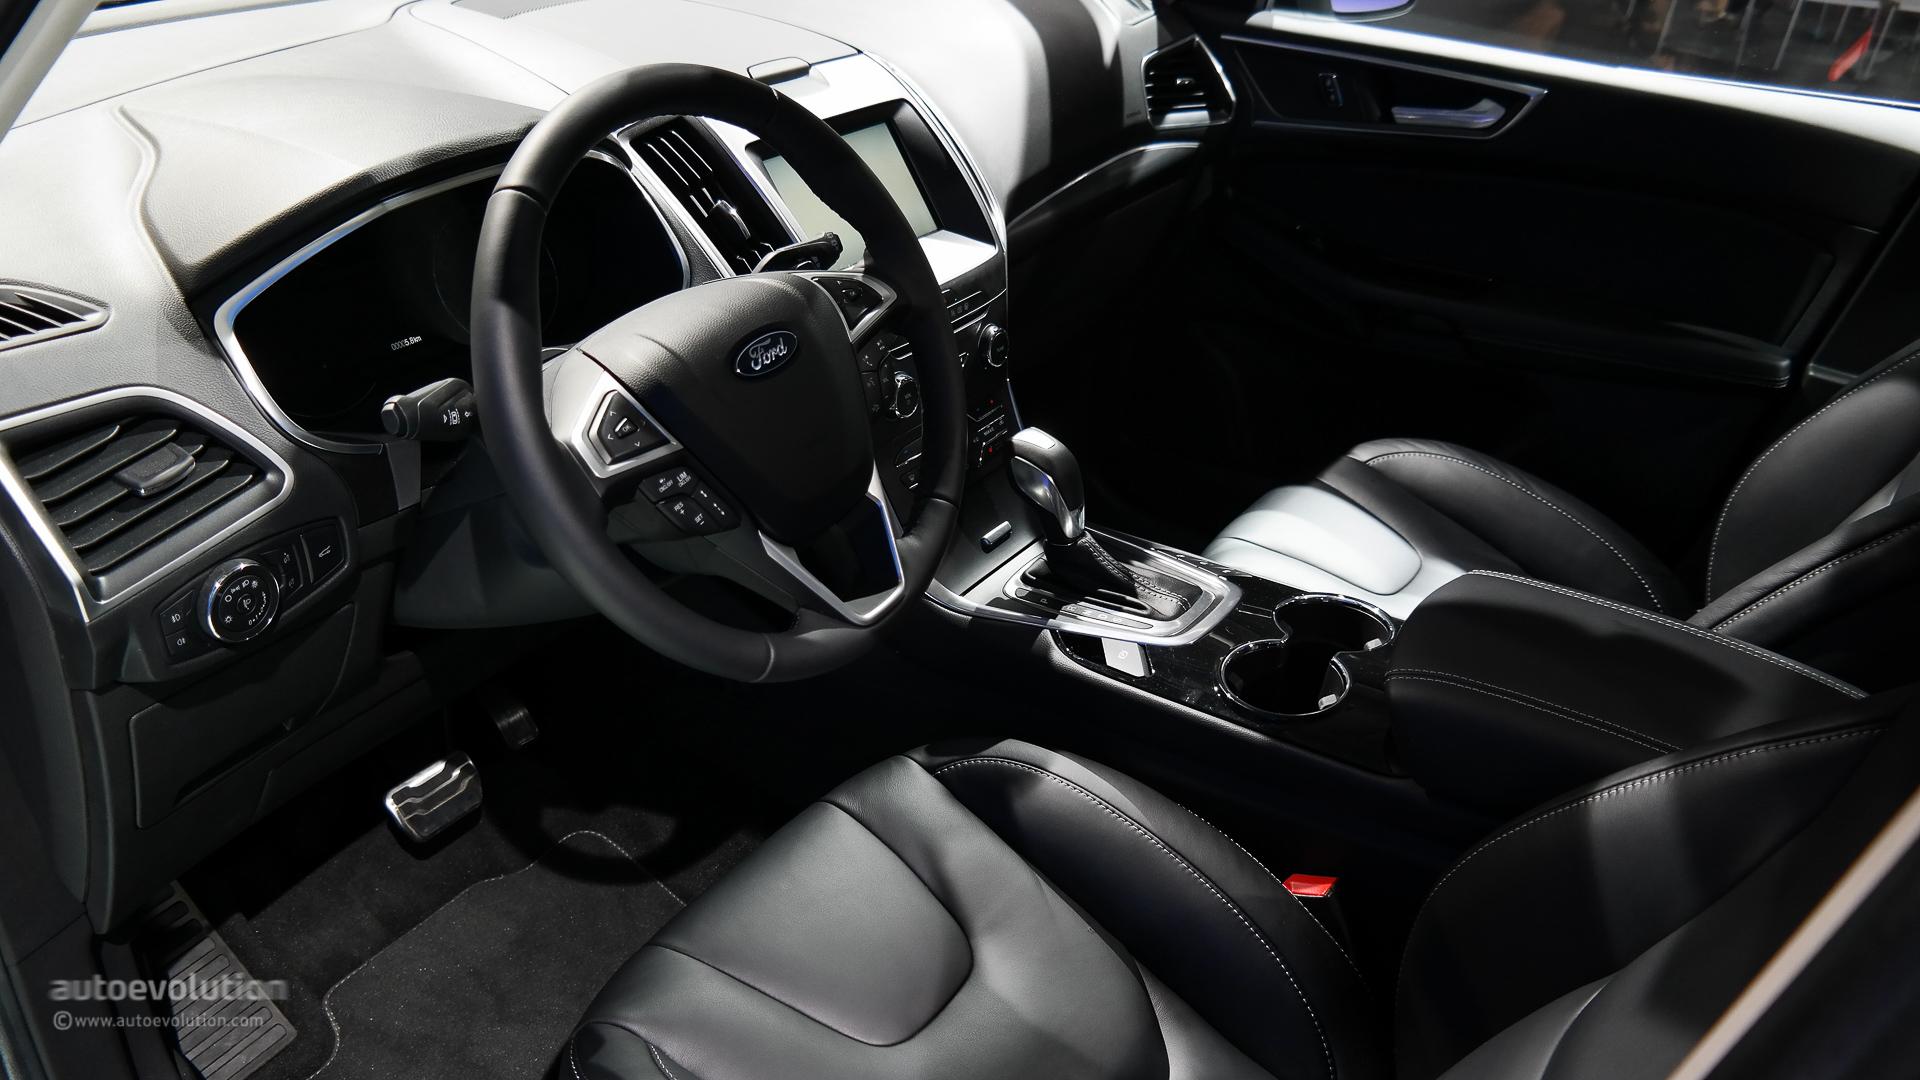 2015 Ford S Max Interior Design